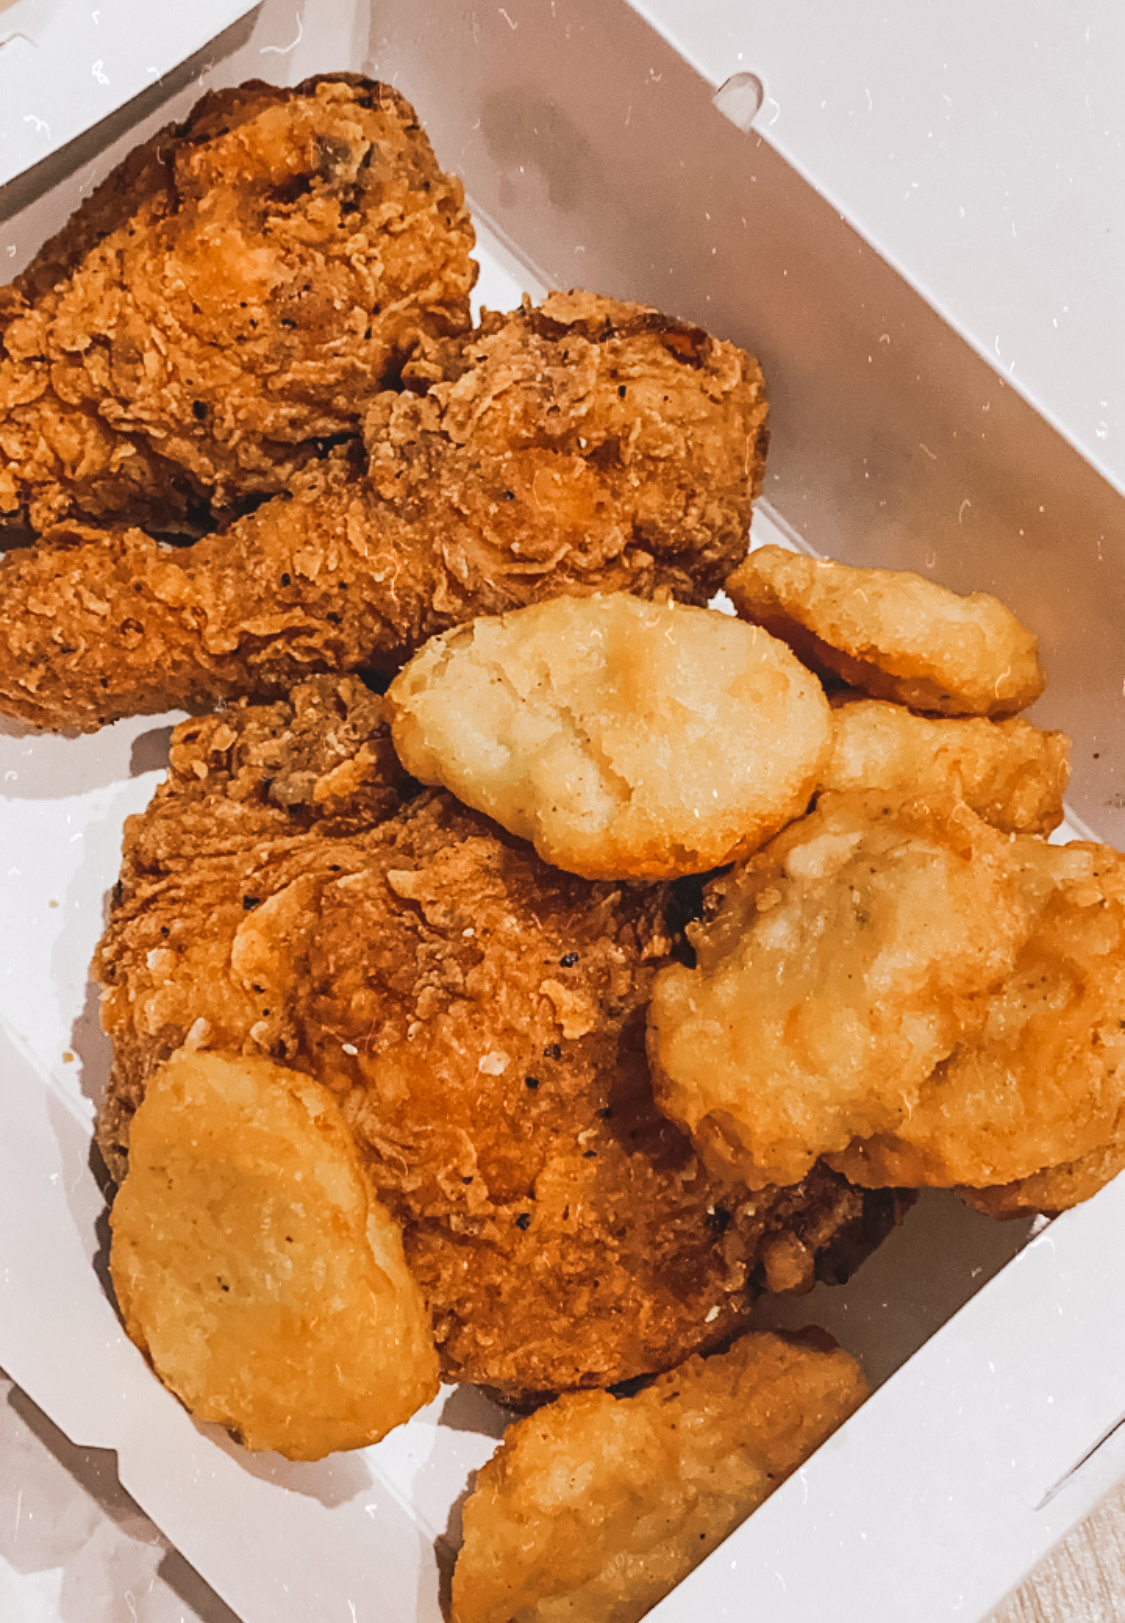 Wildfire Fried Chicken